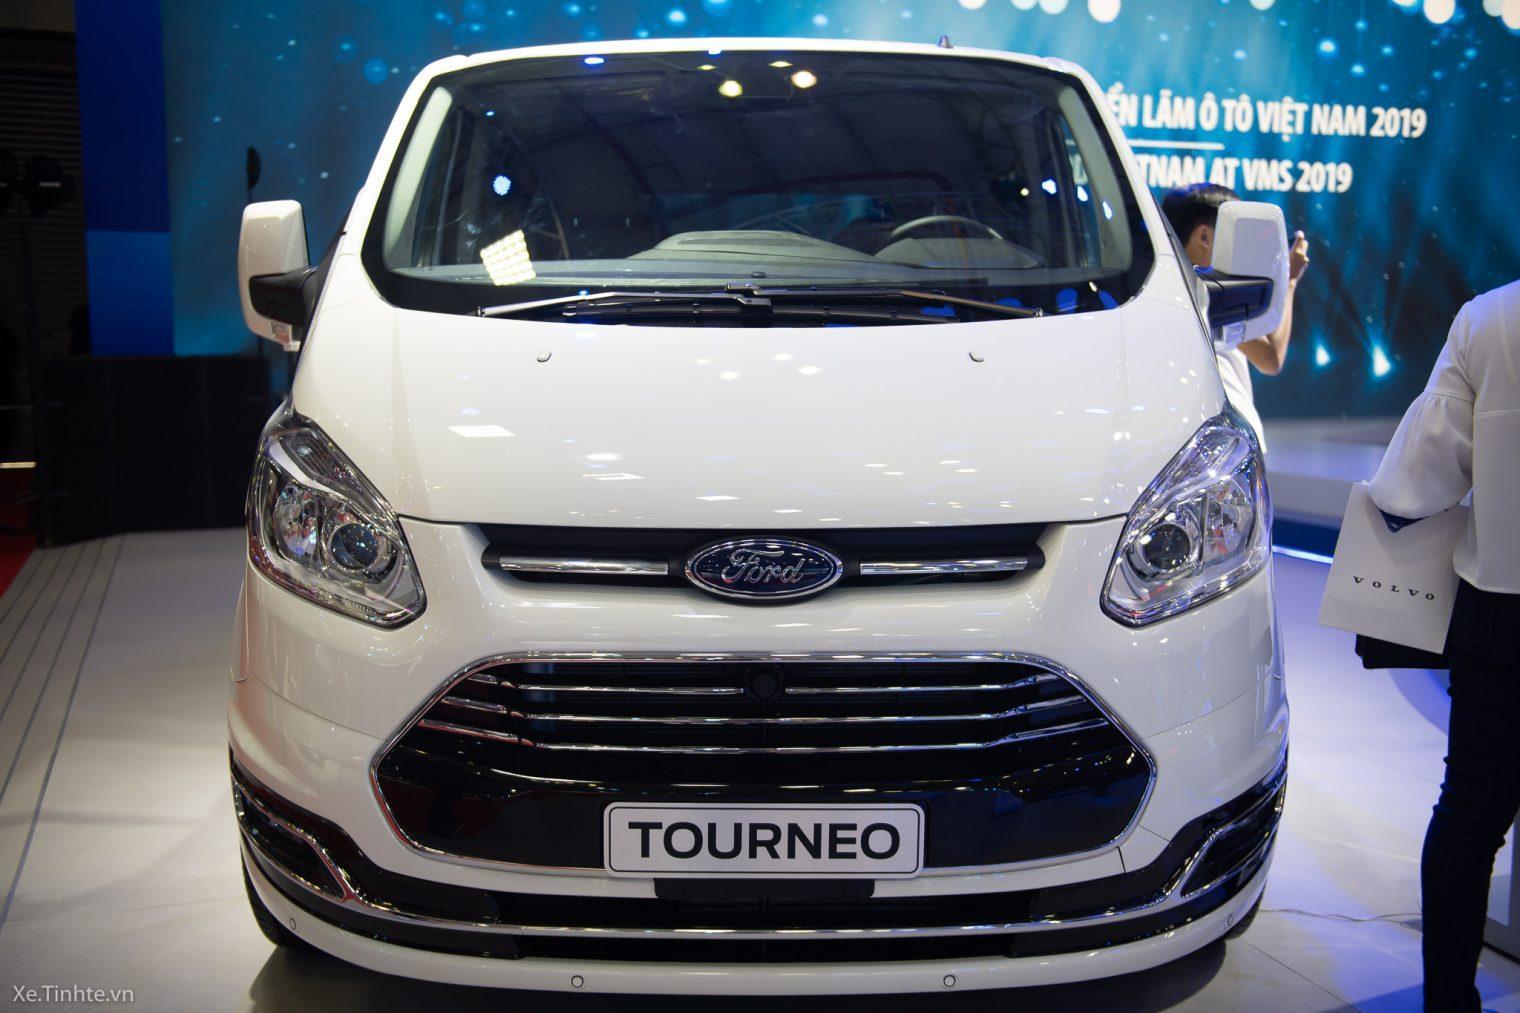 Ford Turneo rộng rãi và thoải mái